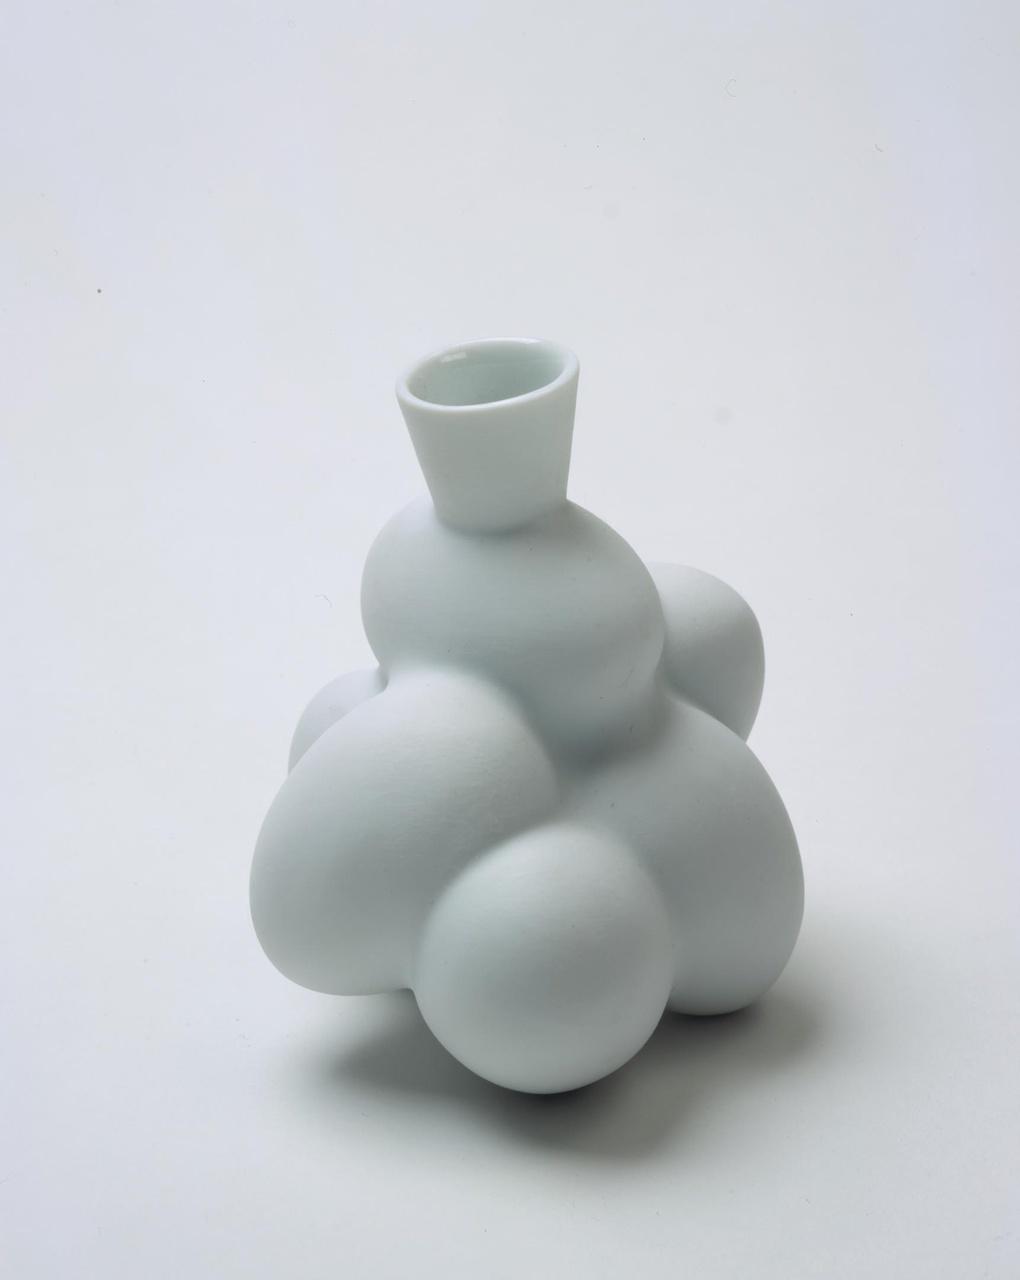 Egg vase (Eiervaas)